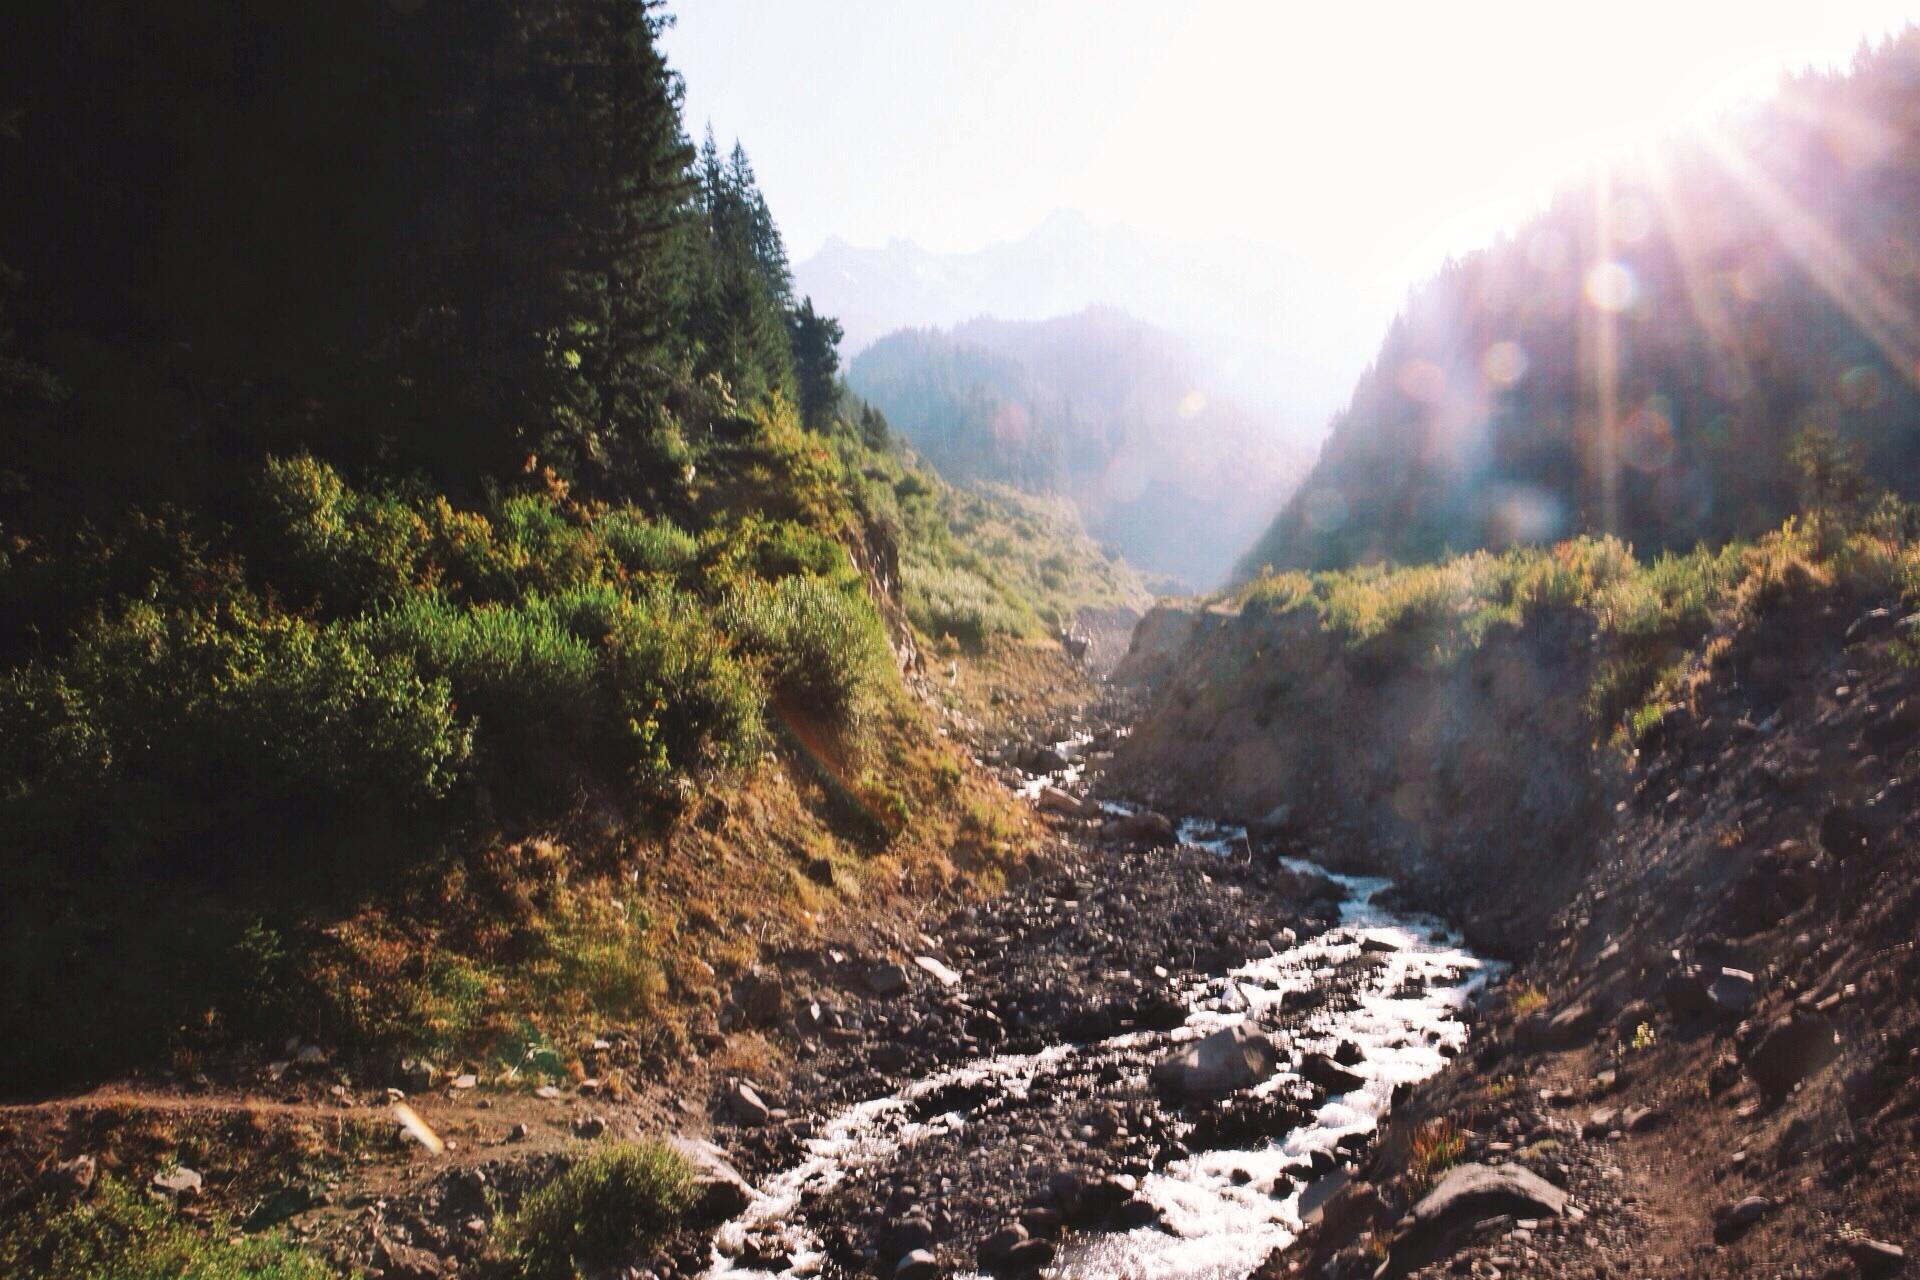 Jeff Creek